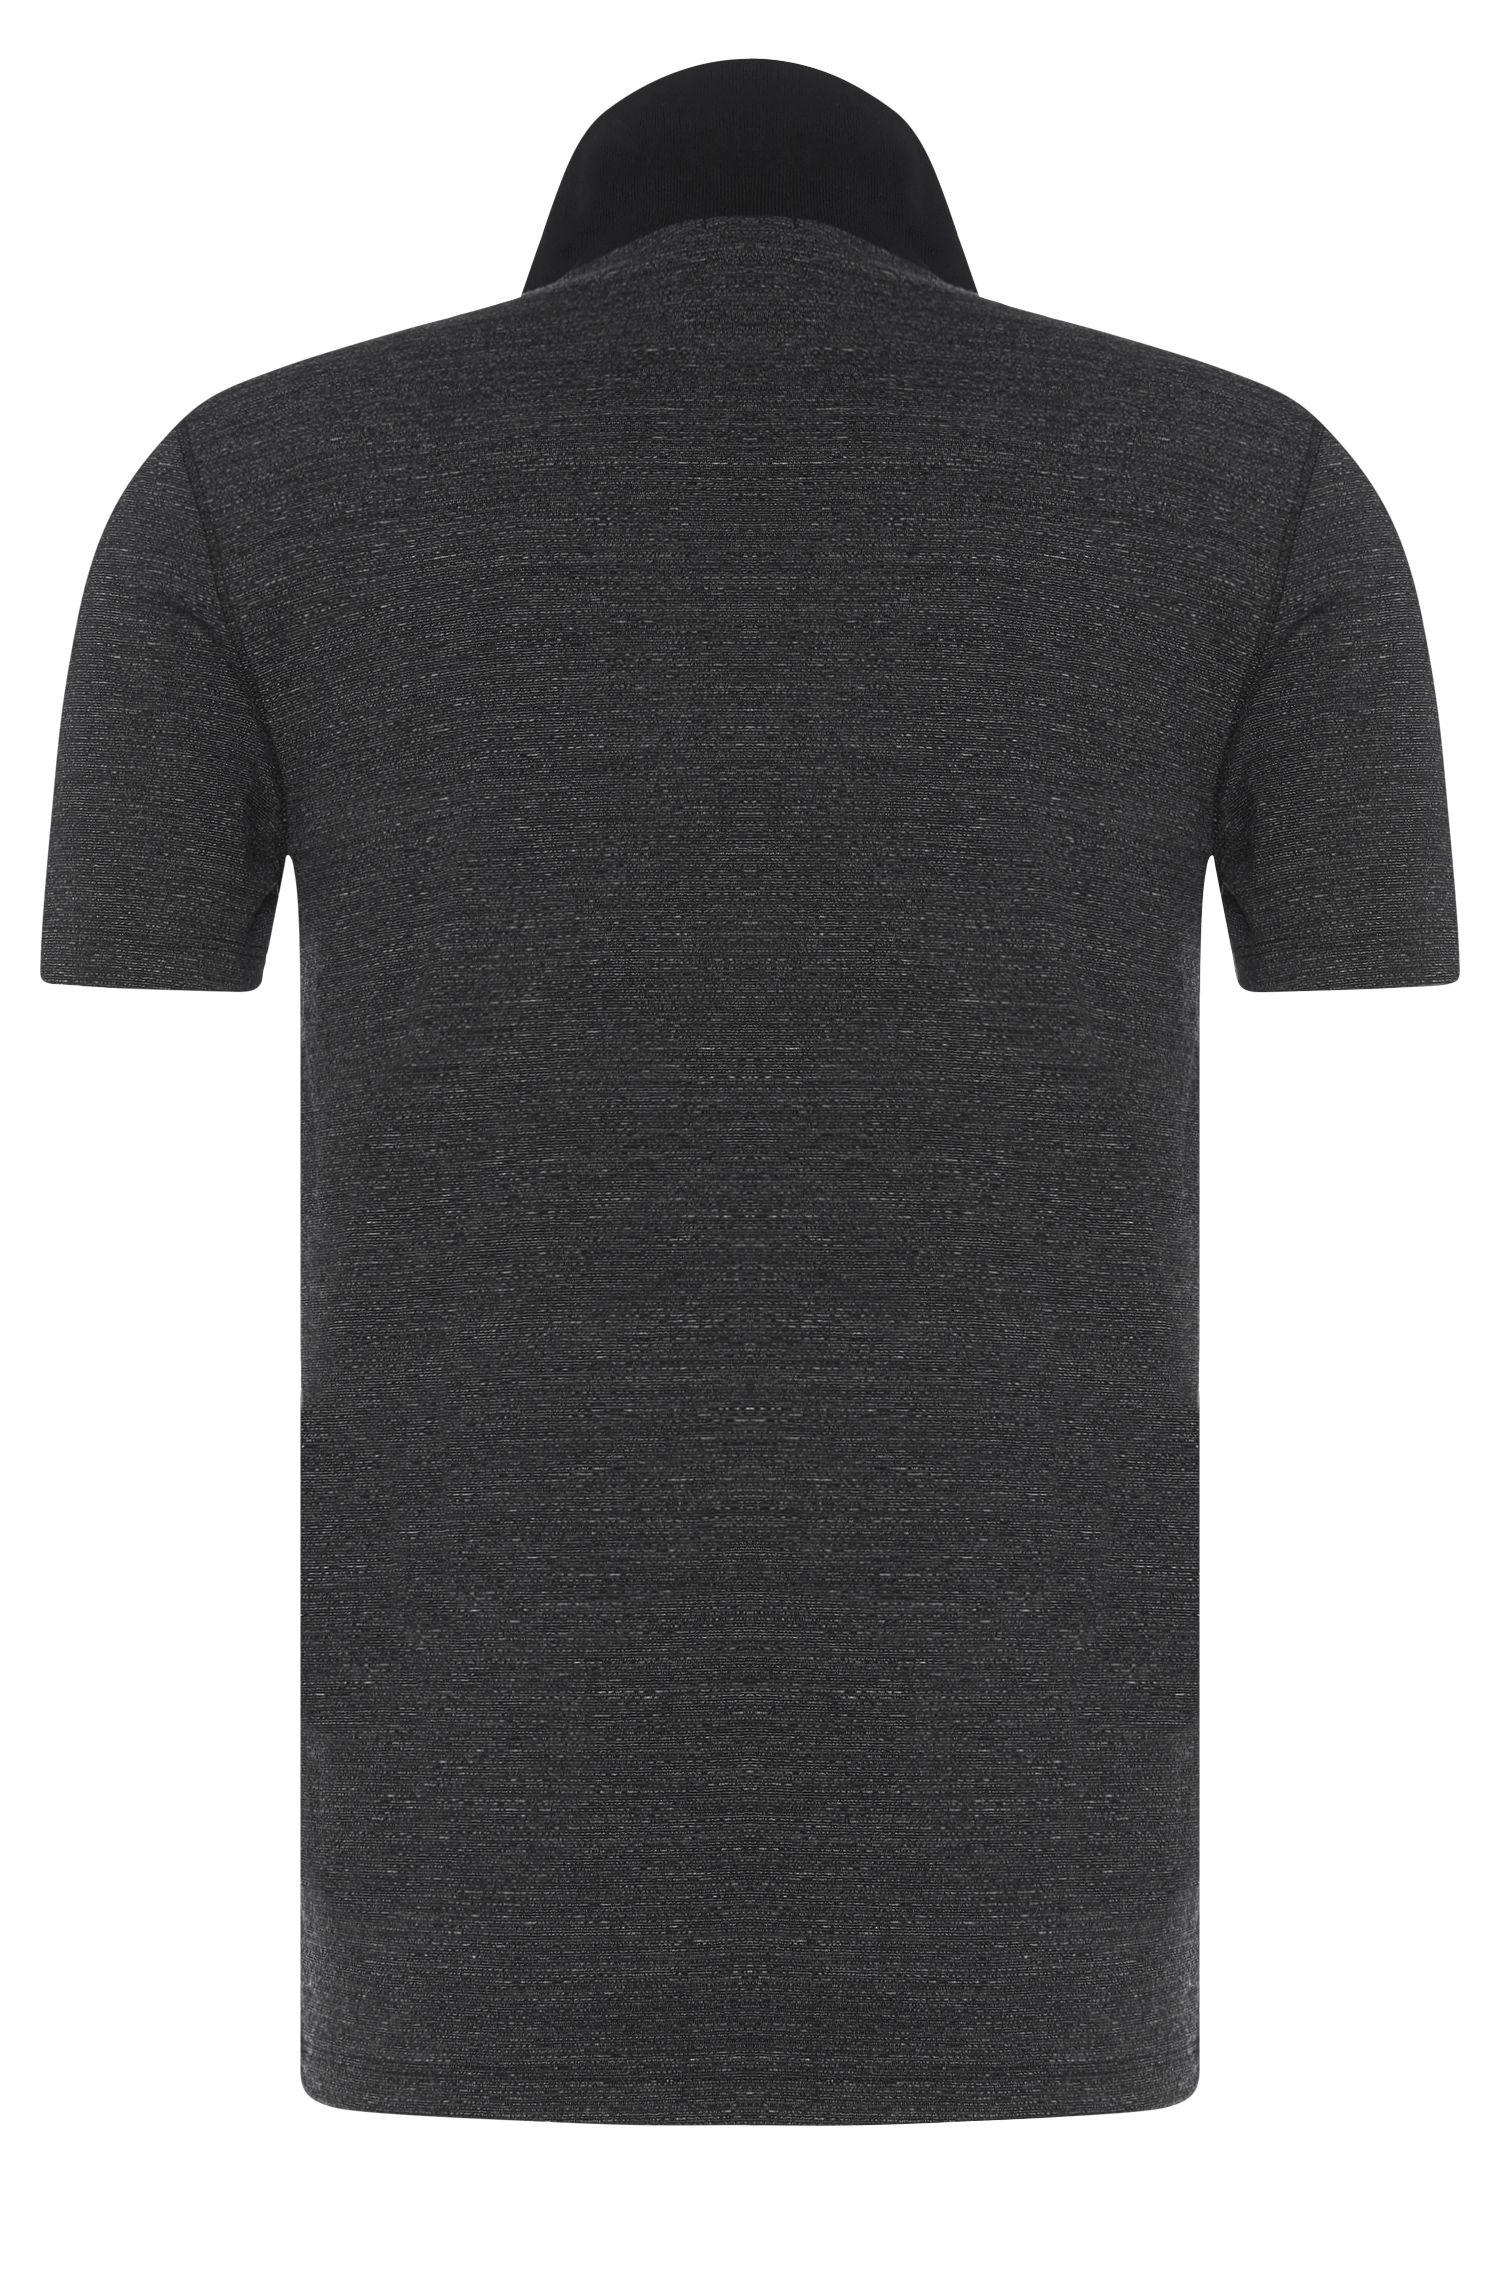 Slim-Fit Poloshirt aus Baumwoll-Mix: 'Plater 02'